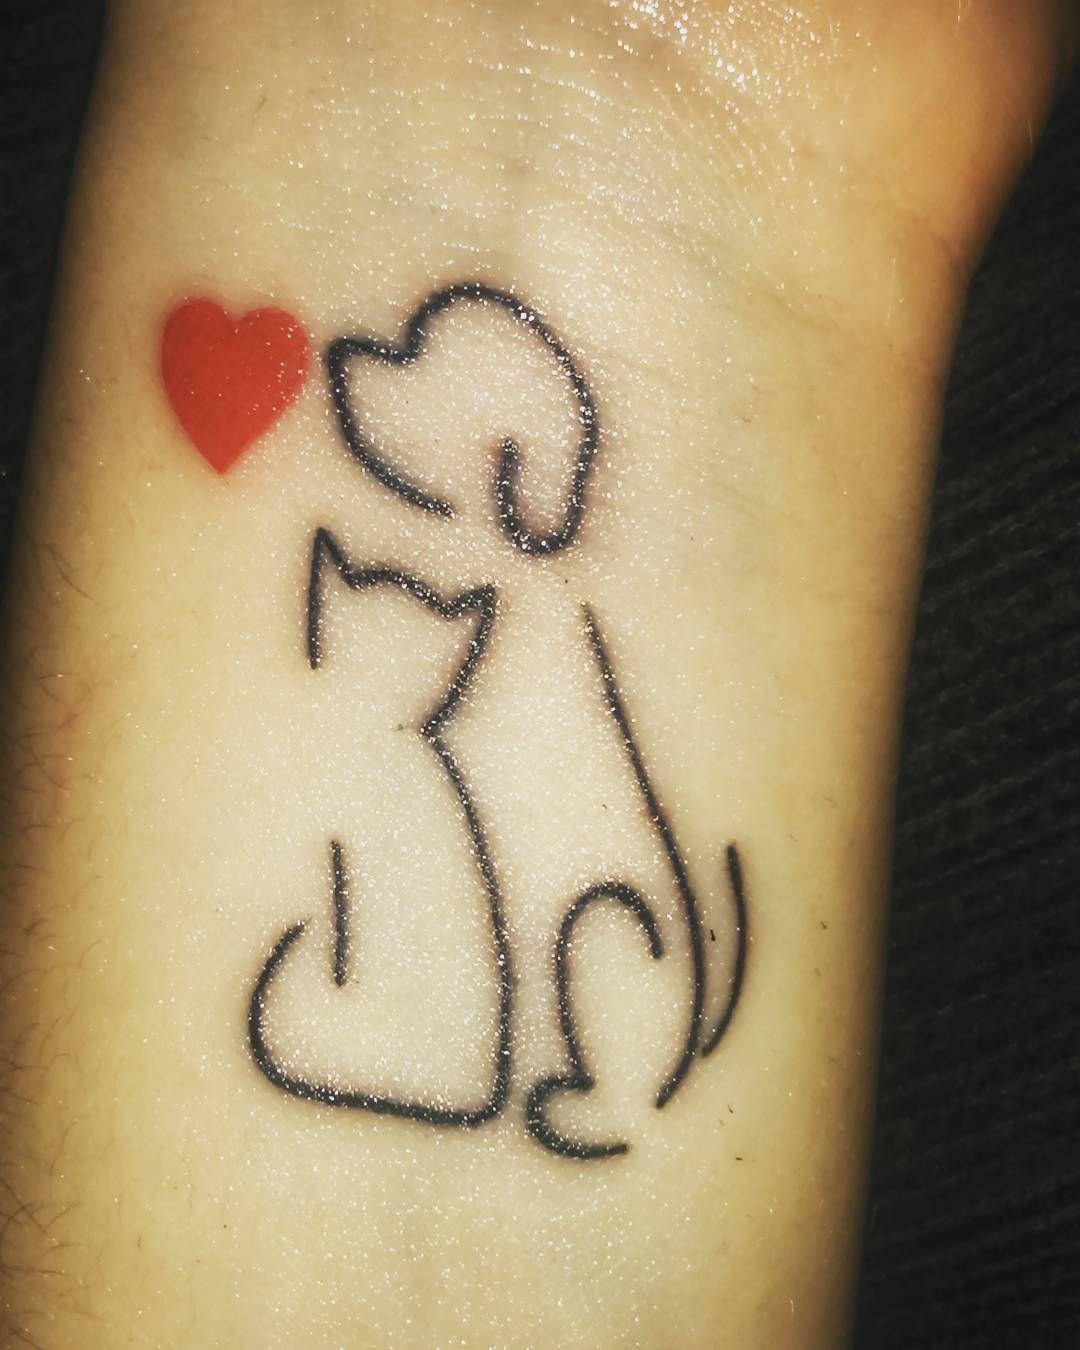 Imagen Relacionada Tatuajes Perro Tatuaje Gato Tatuajes Y